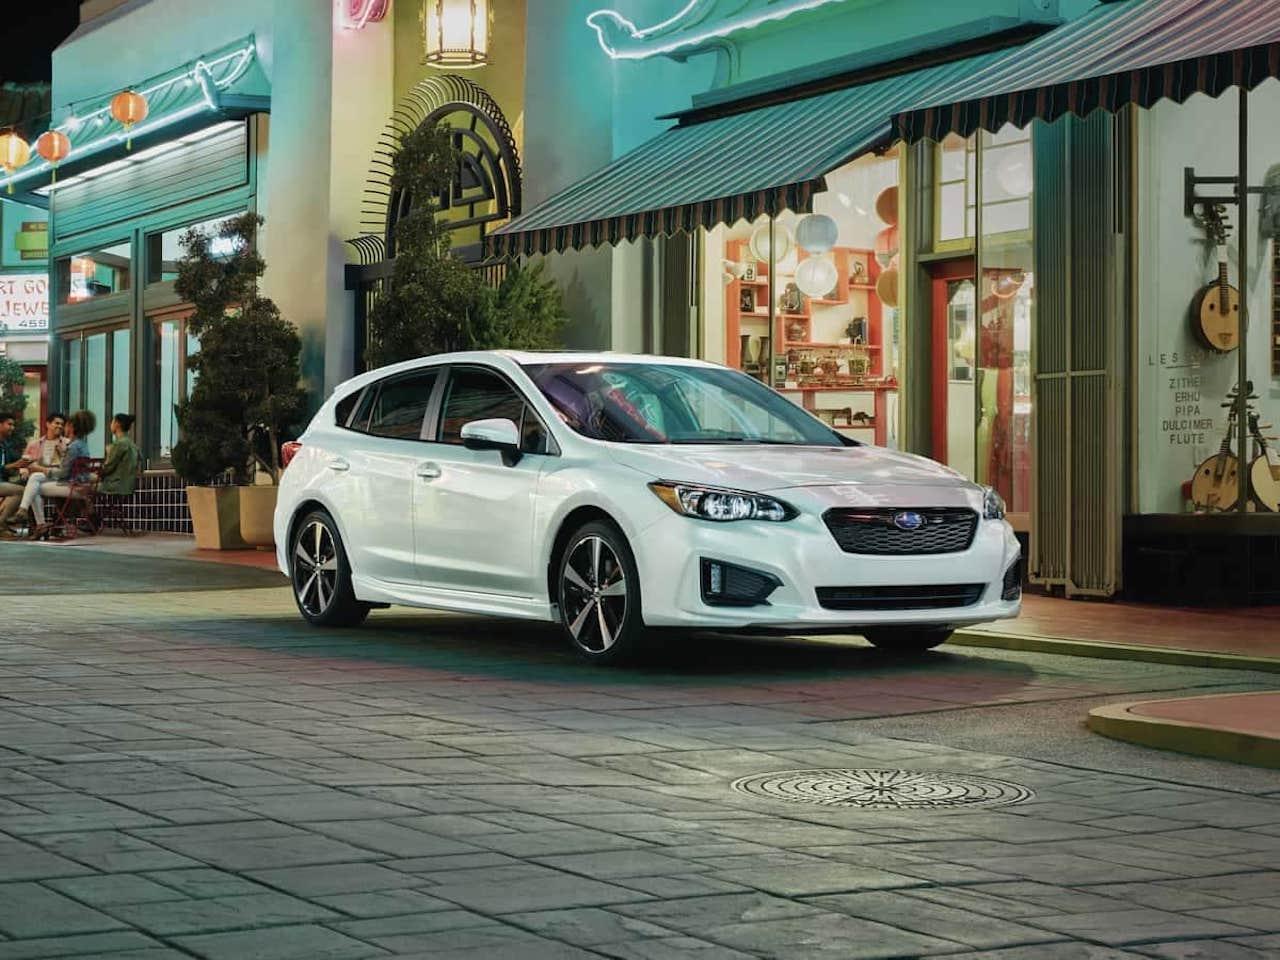 Subaru höfðar mest til Kanadamanna 5. árið í röð